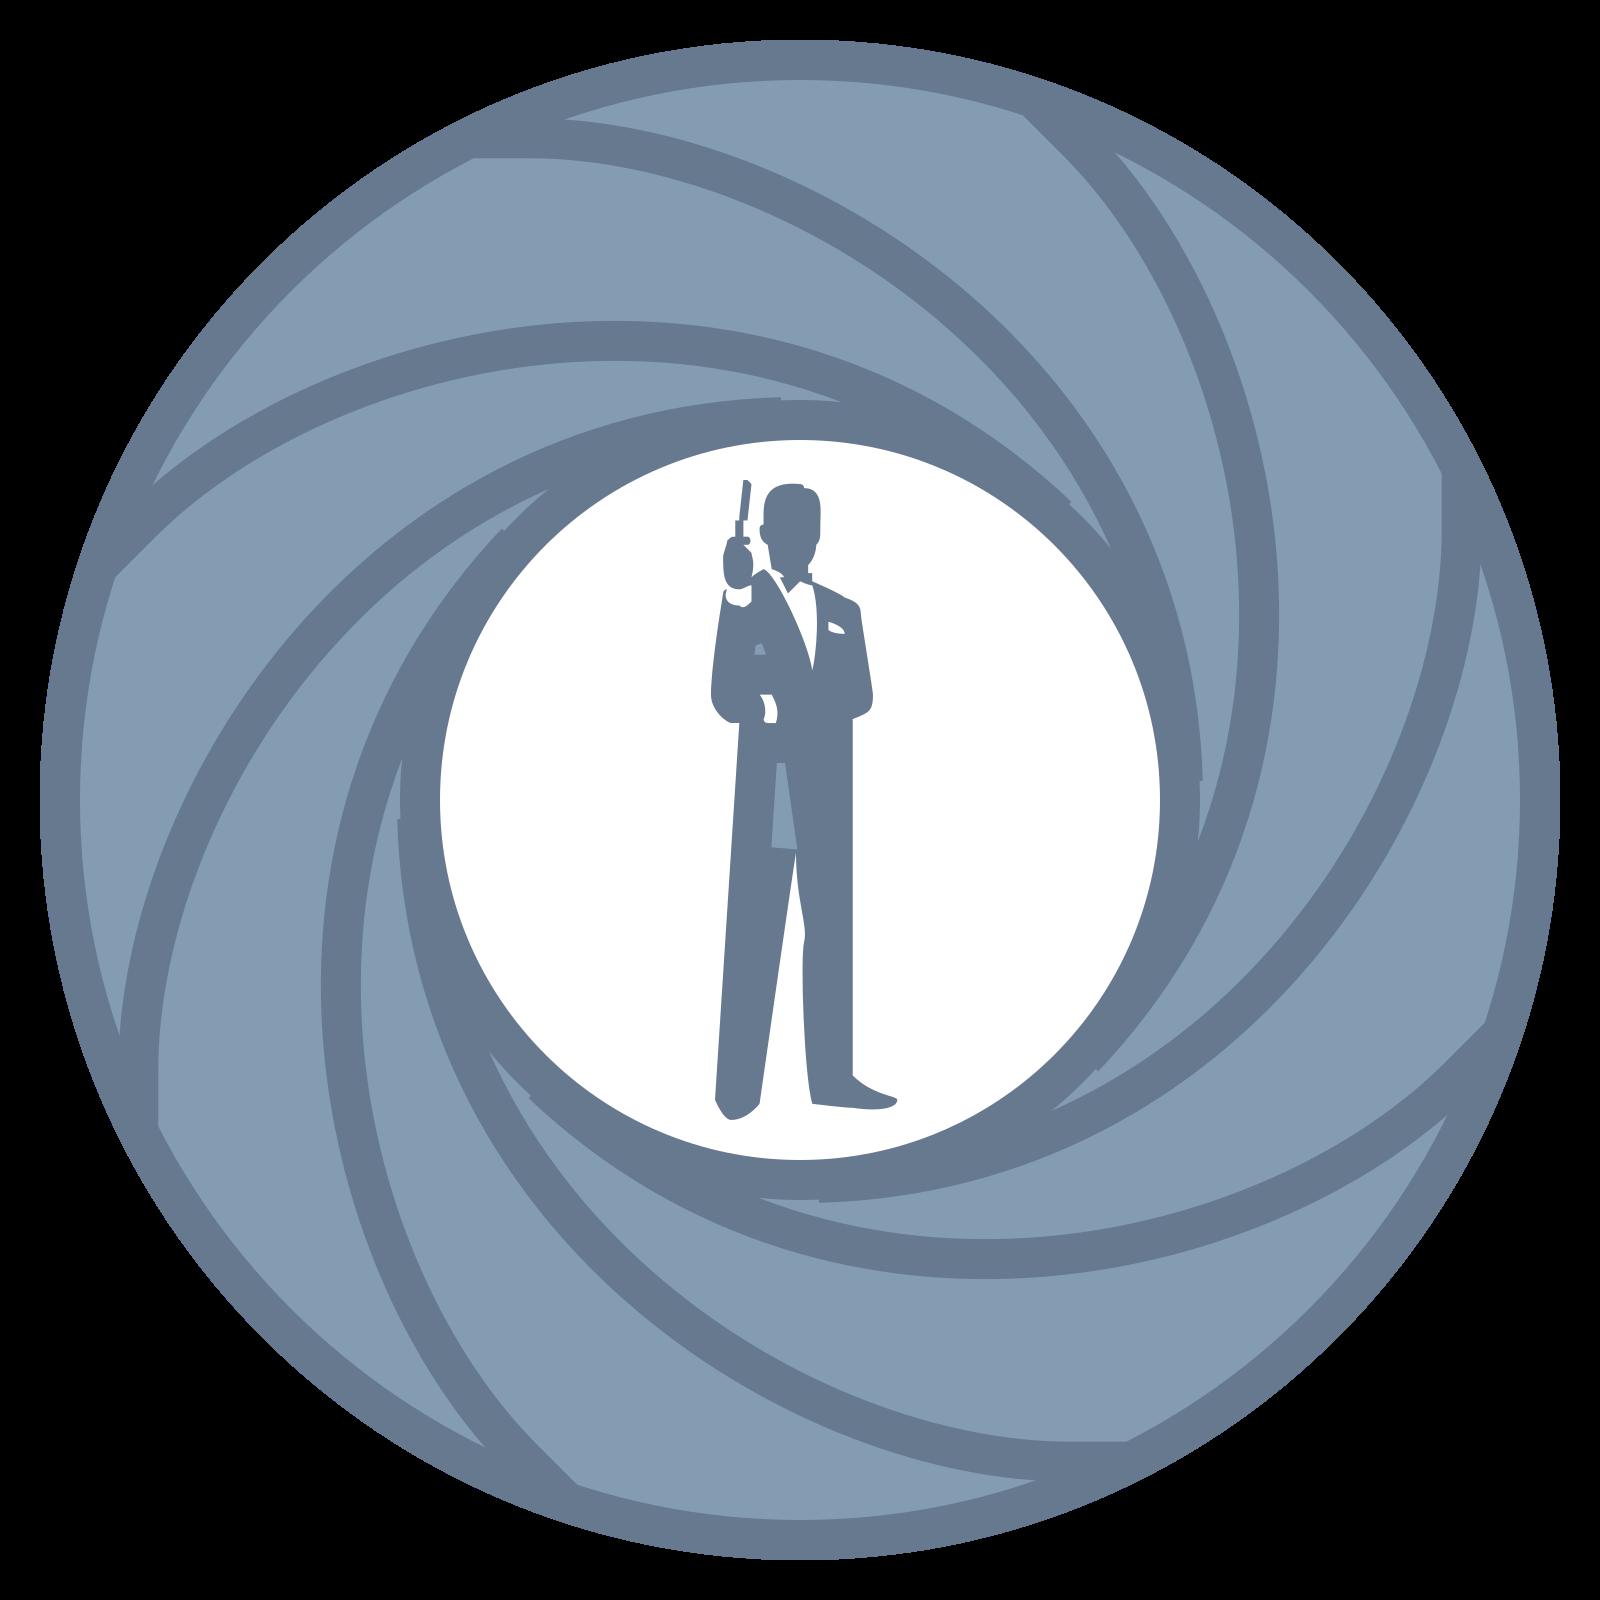 ジェームズ・ボンド icon. This logo is of a man standing inside of a round lens aperture with it closed down half way. There are six curved lines that lead to the center where the man is standing. The man is wearing a tuxedo and holding a gun in his right hand aimed toward the sky.